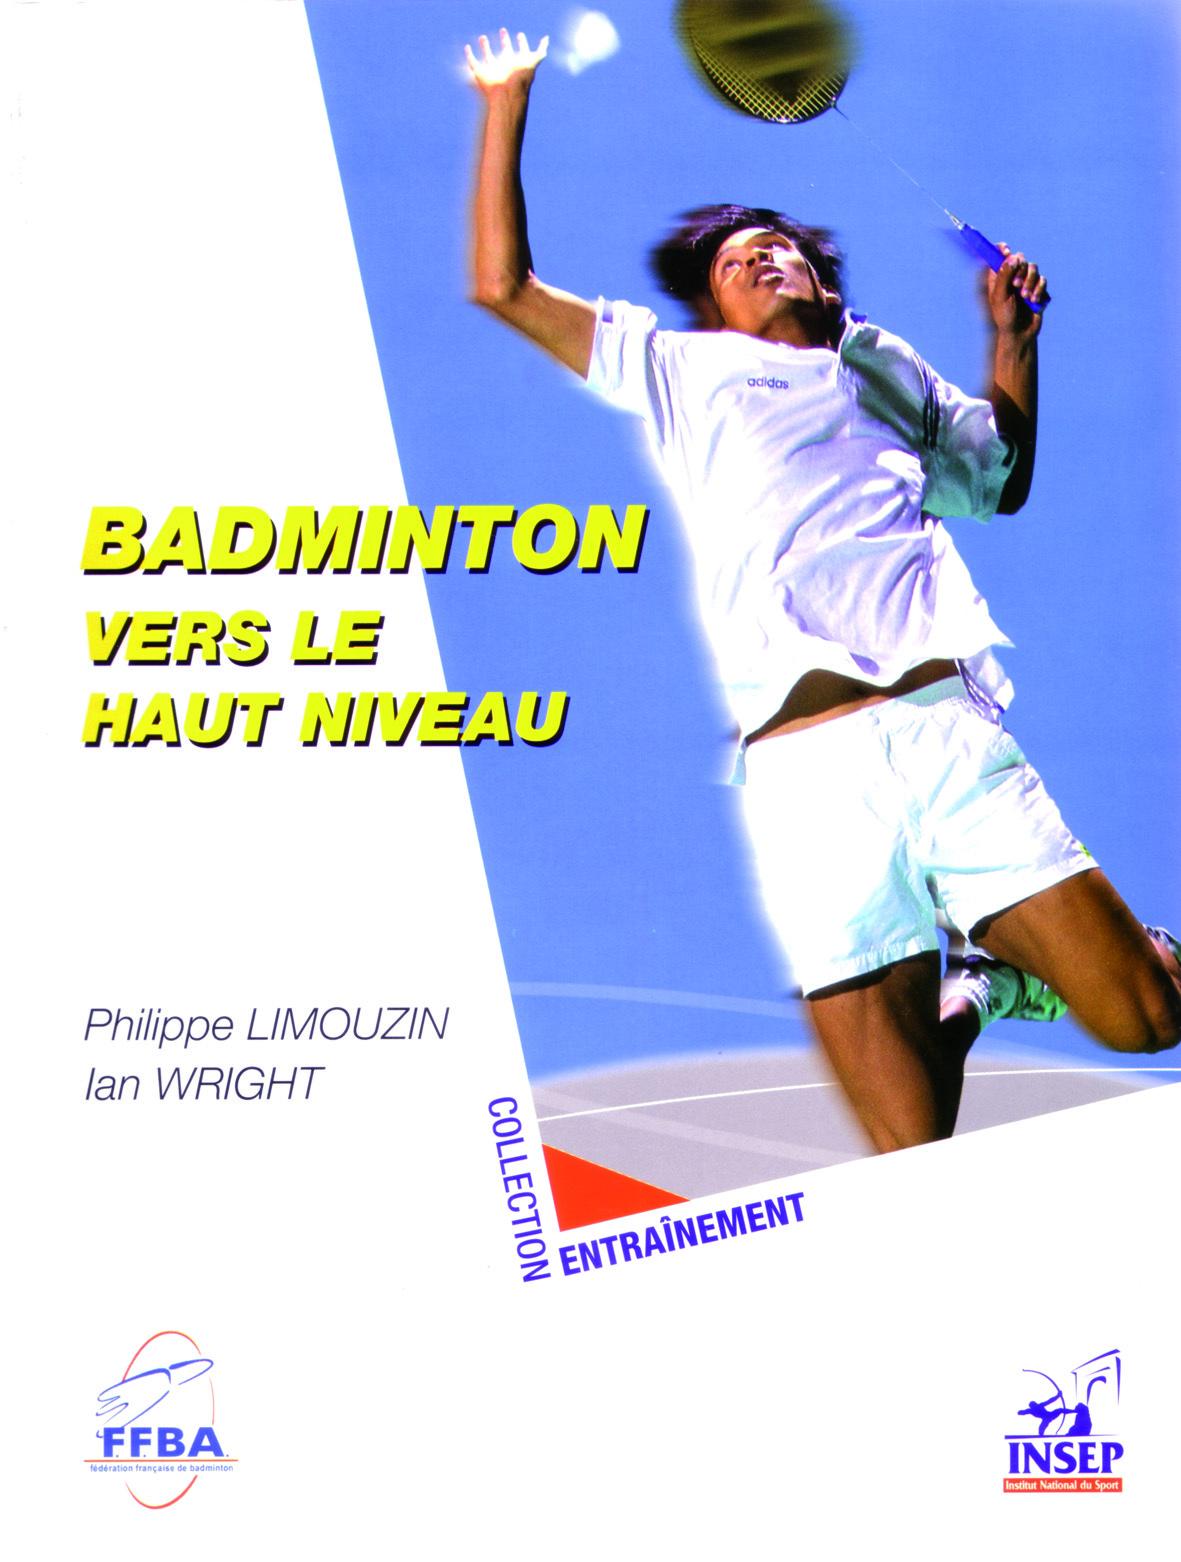 BADMINTON VERS LE HAUT NIVEAU